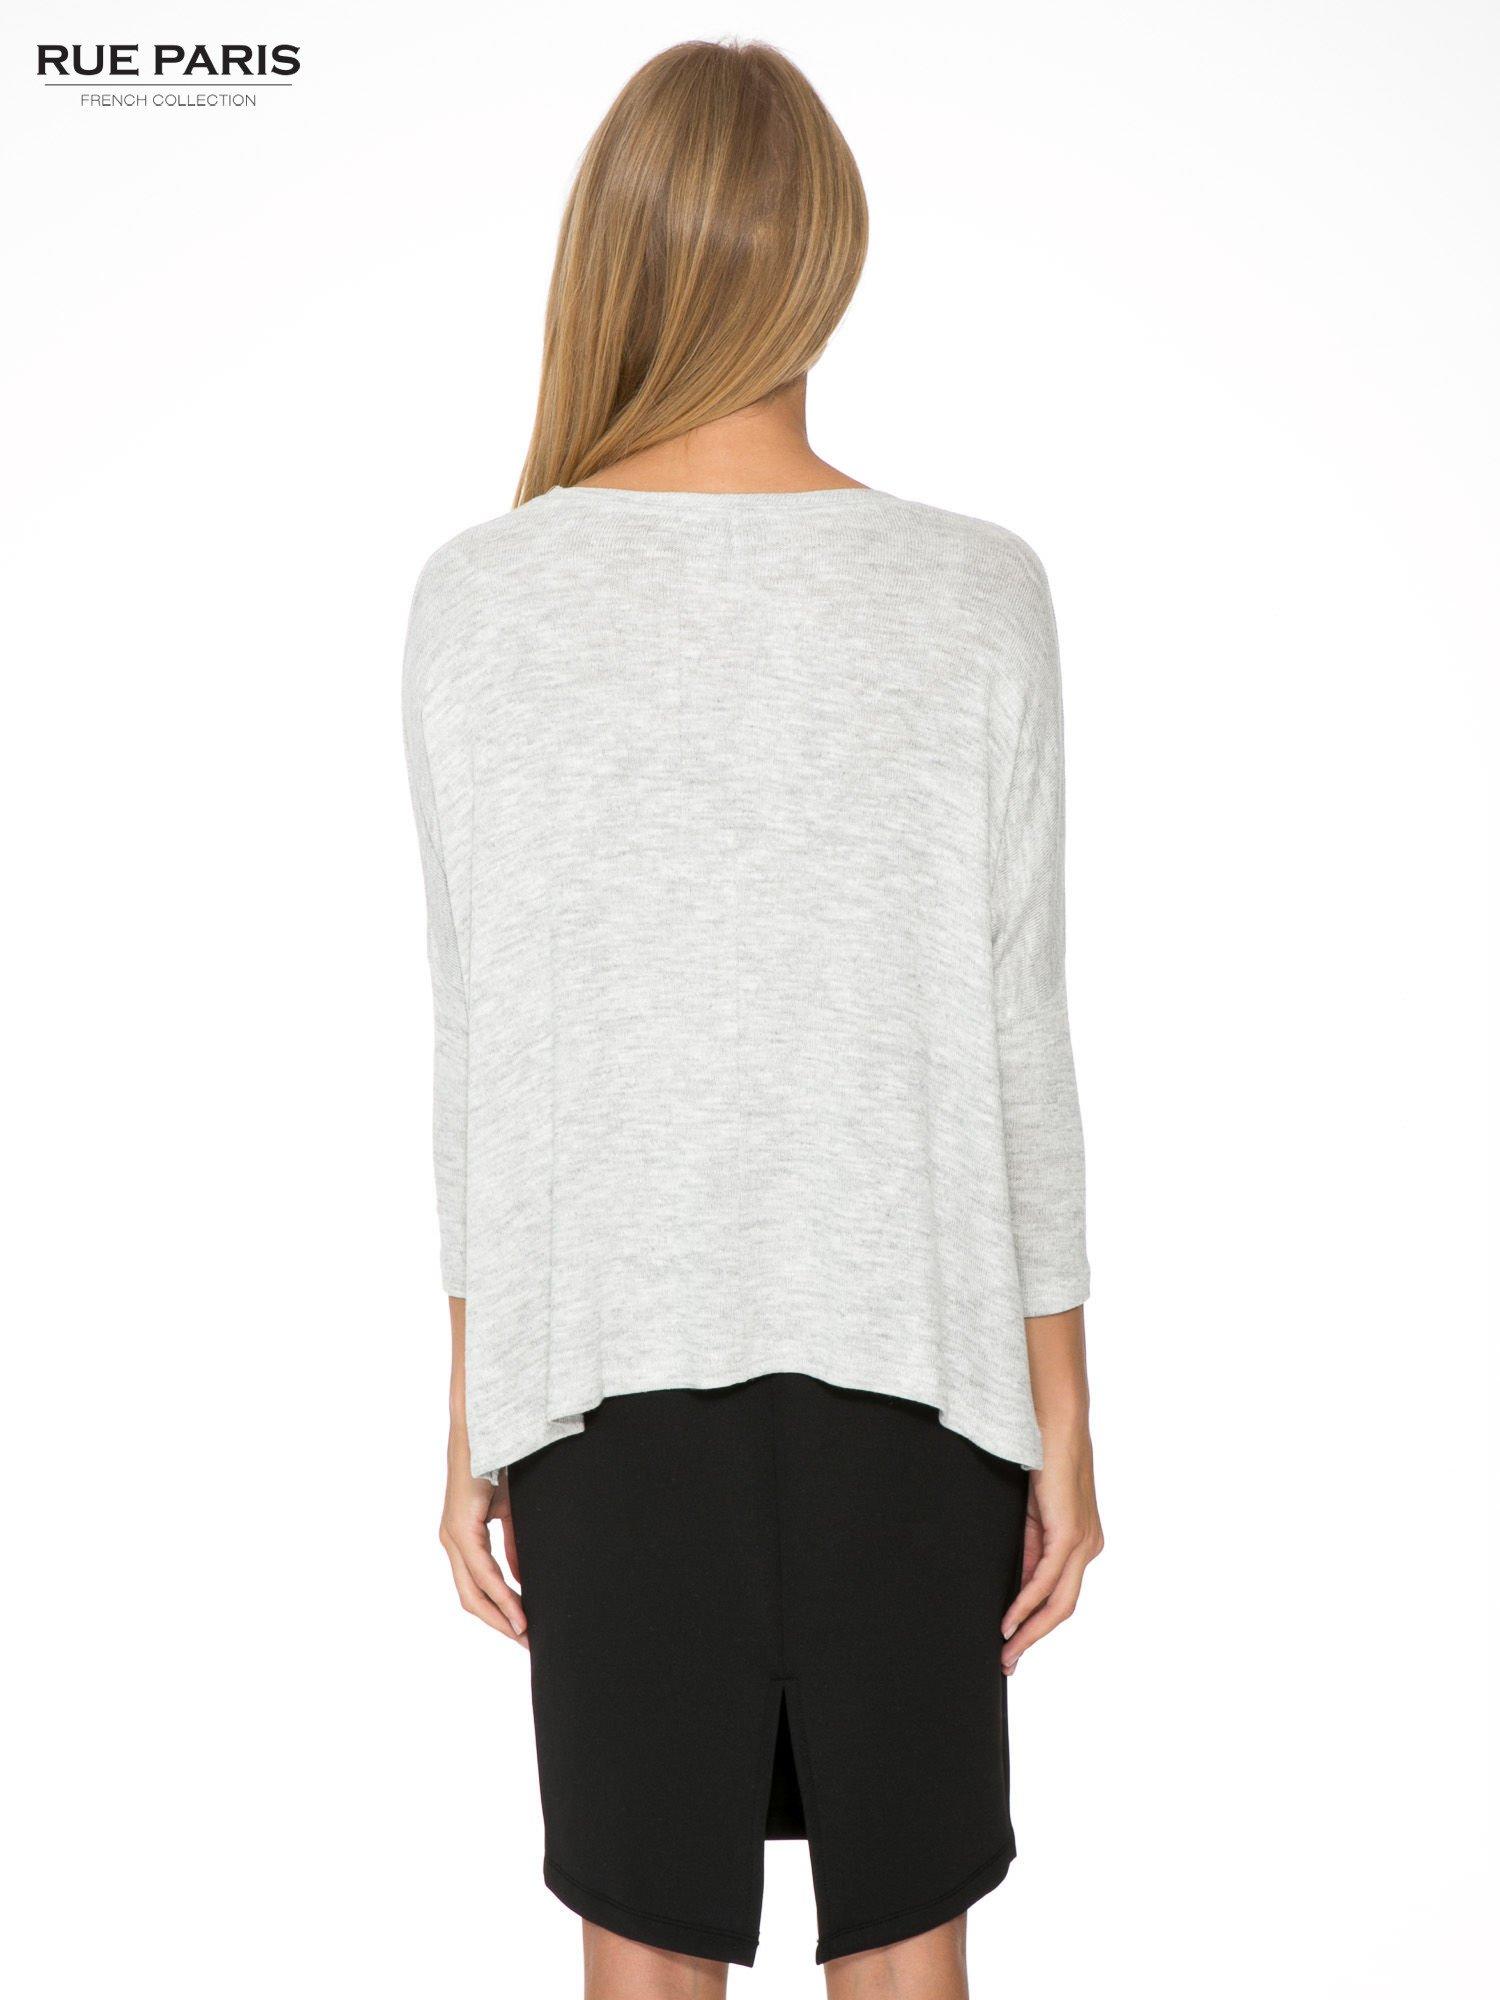 Jasnoszary melanżowy sweter oversize o obniżonej linii ramion z rozporkami po bokach                                  zdj.                                  2